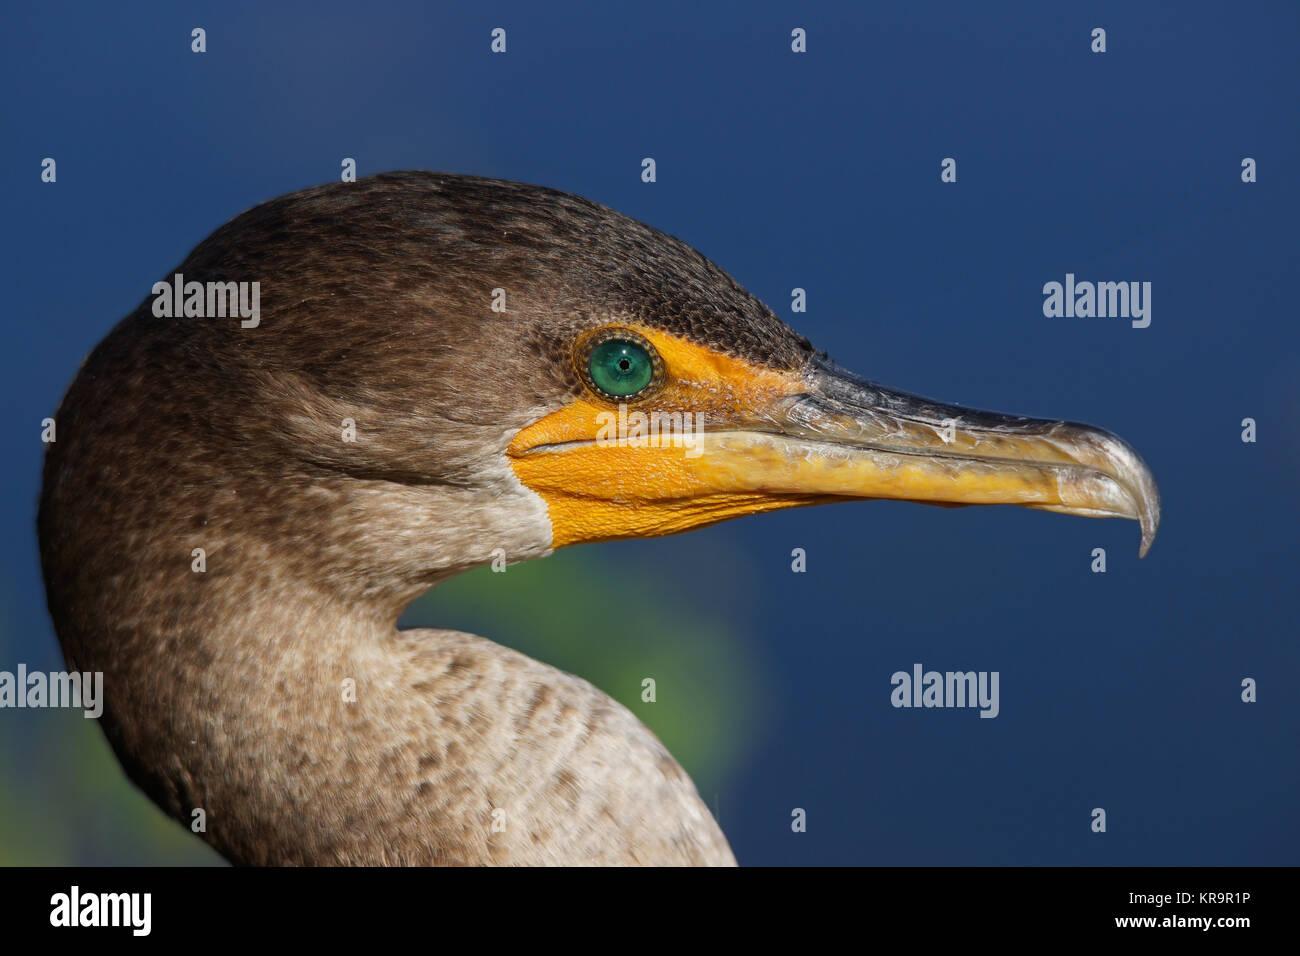 kormoran - [phalacrocorax carbo] - Stock Image